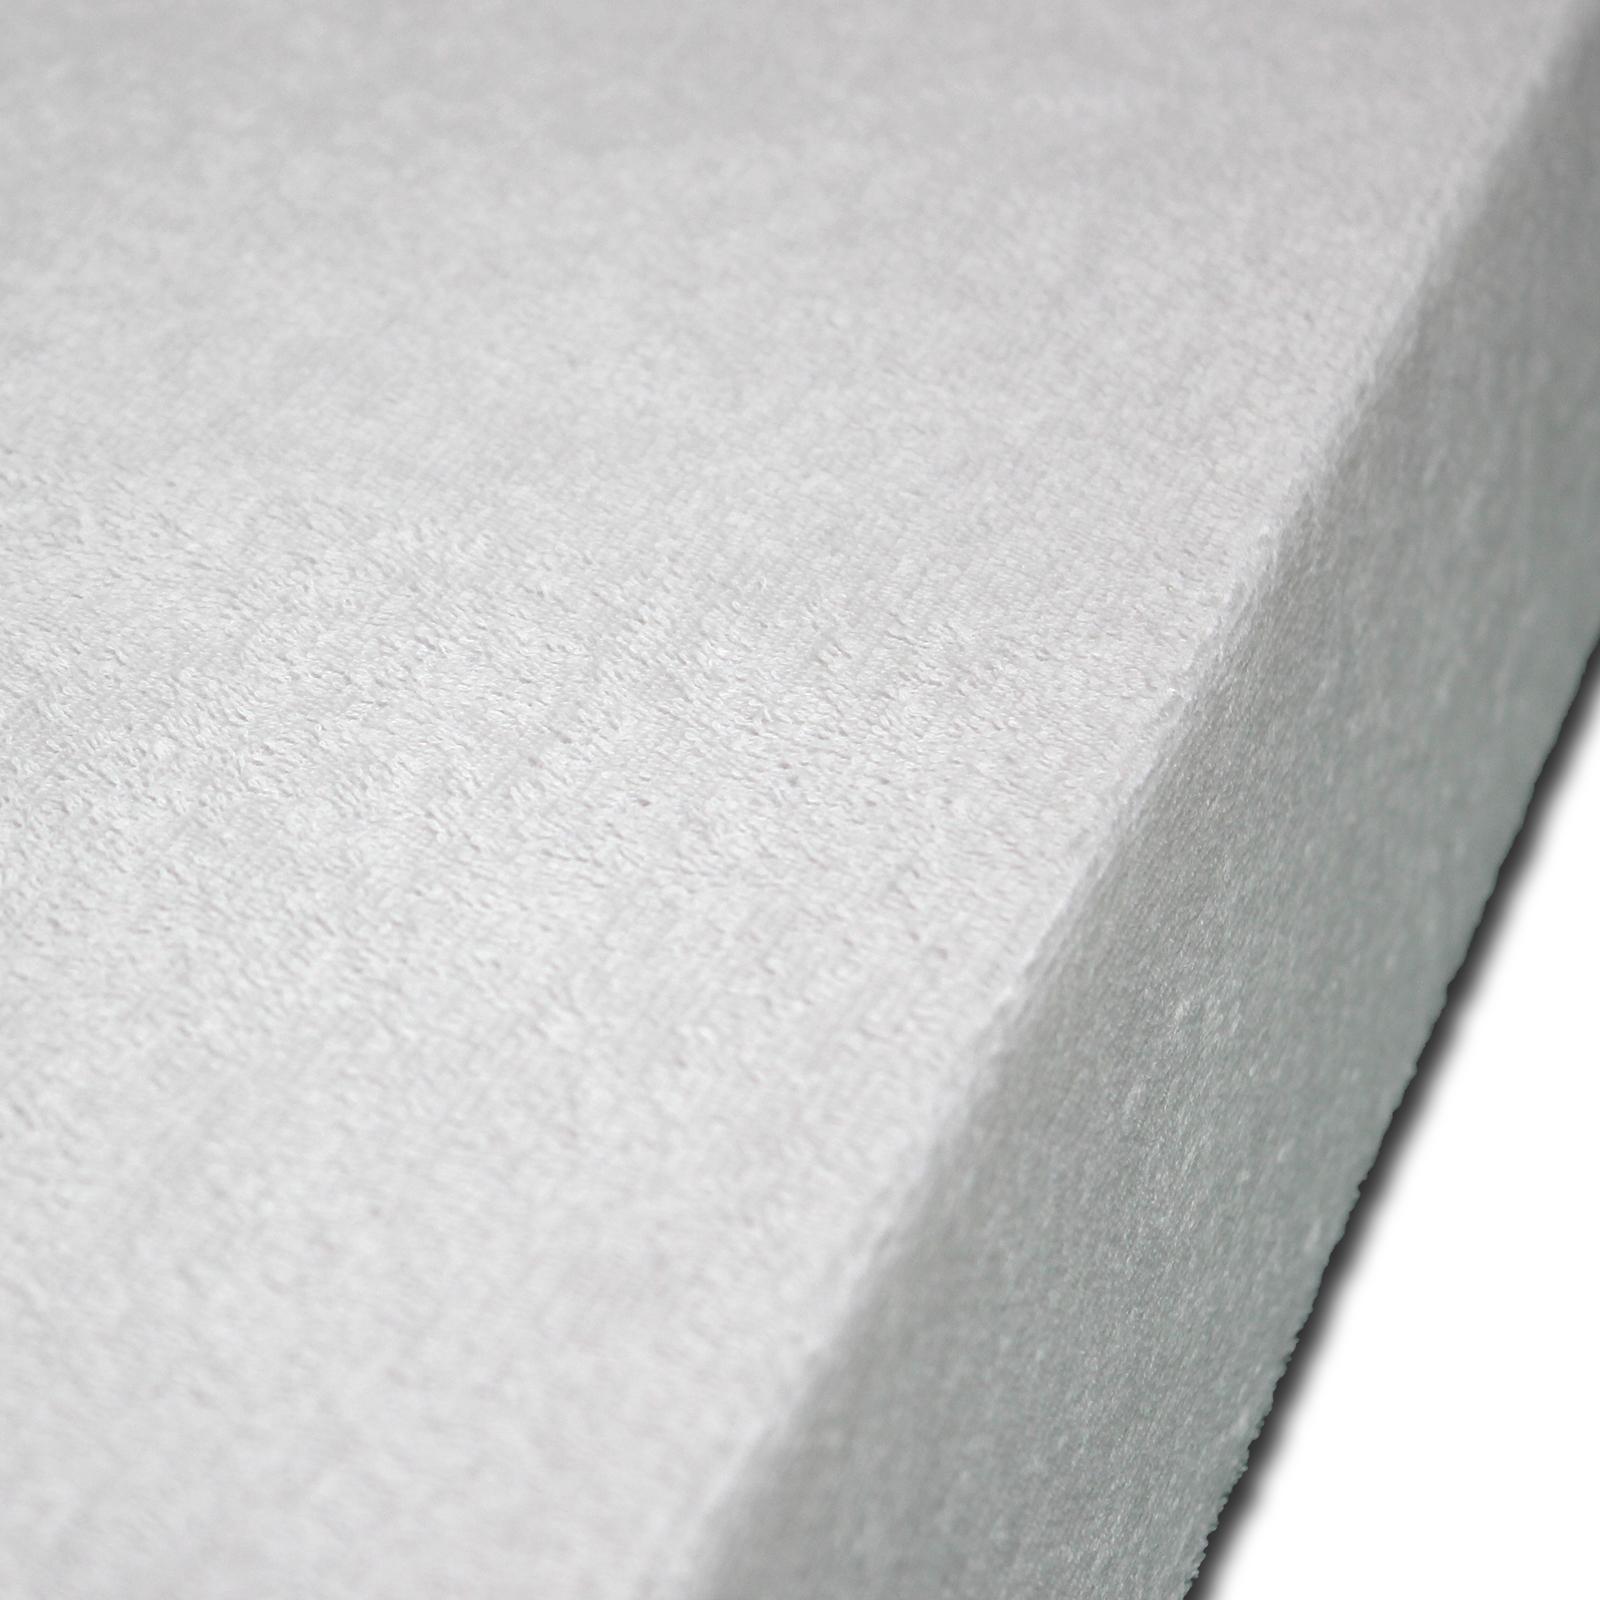 matratzenbezug matratzenschoner wasserdicht inkontinenz frottee 160x200 ebay. Black Bedroom Furniture Sets. Home Design Ideas